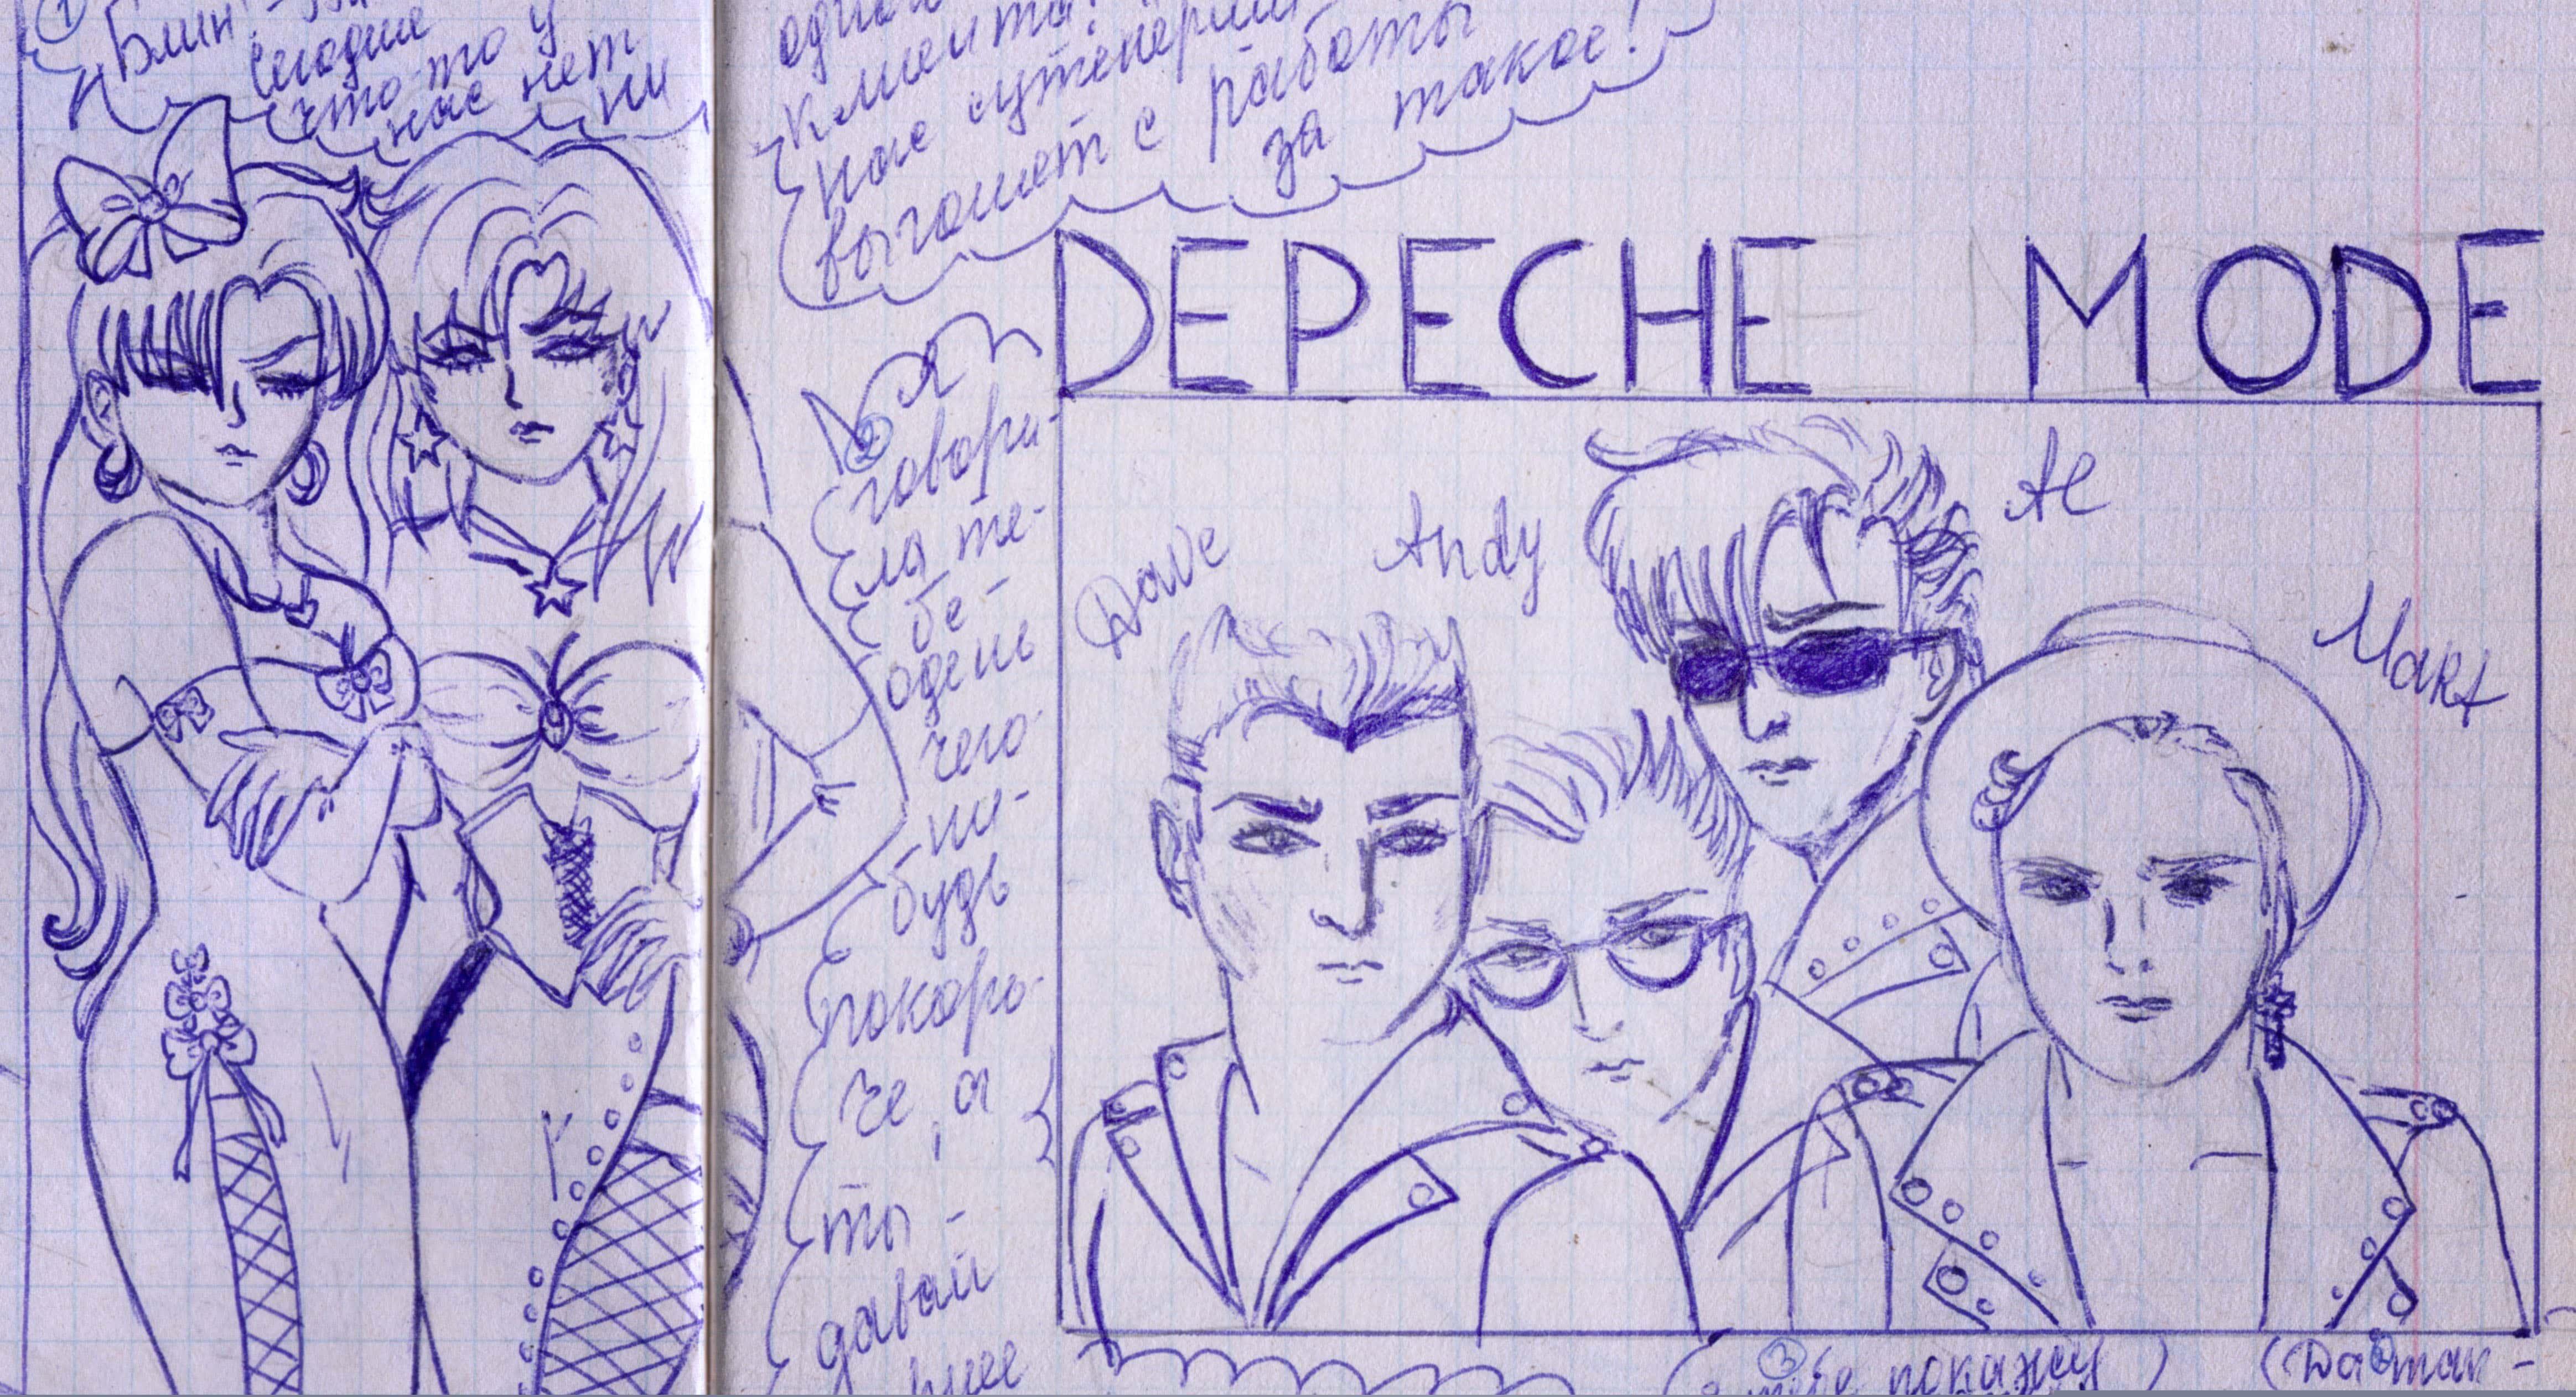 `` Notre passe-temps est Depeche Mode '': regardez le documentaire `` Lost '' de Jeremy Deller et Nicholas Abrahams sur les fans de Depeche Mode